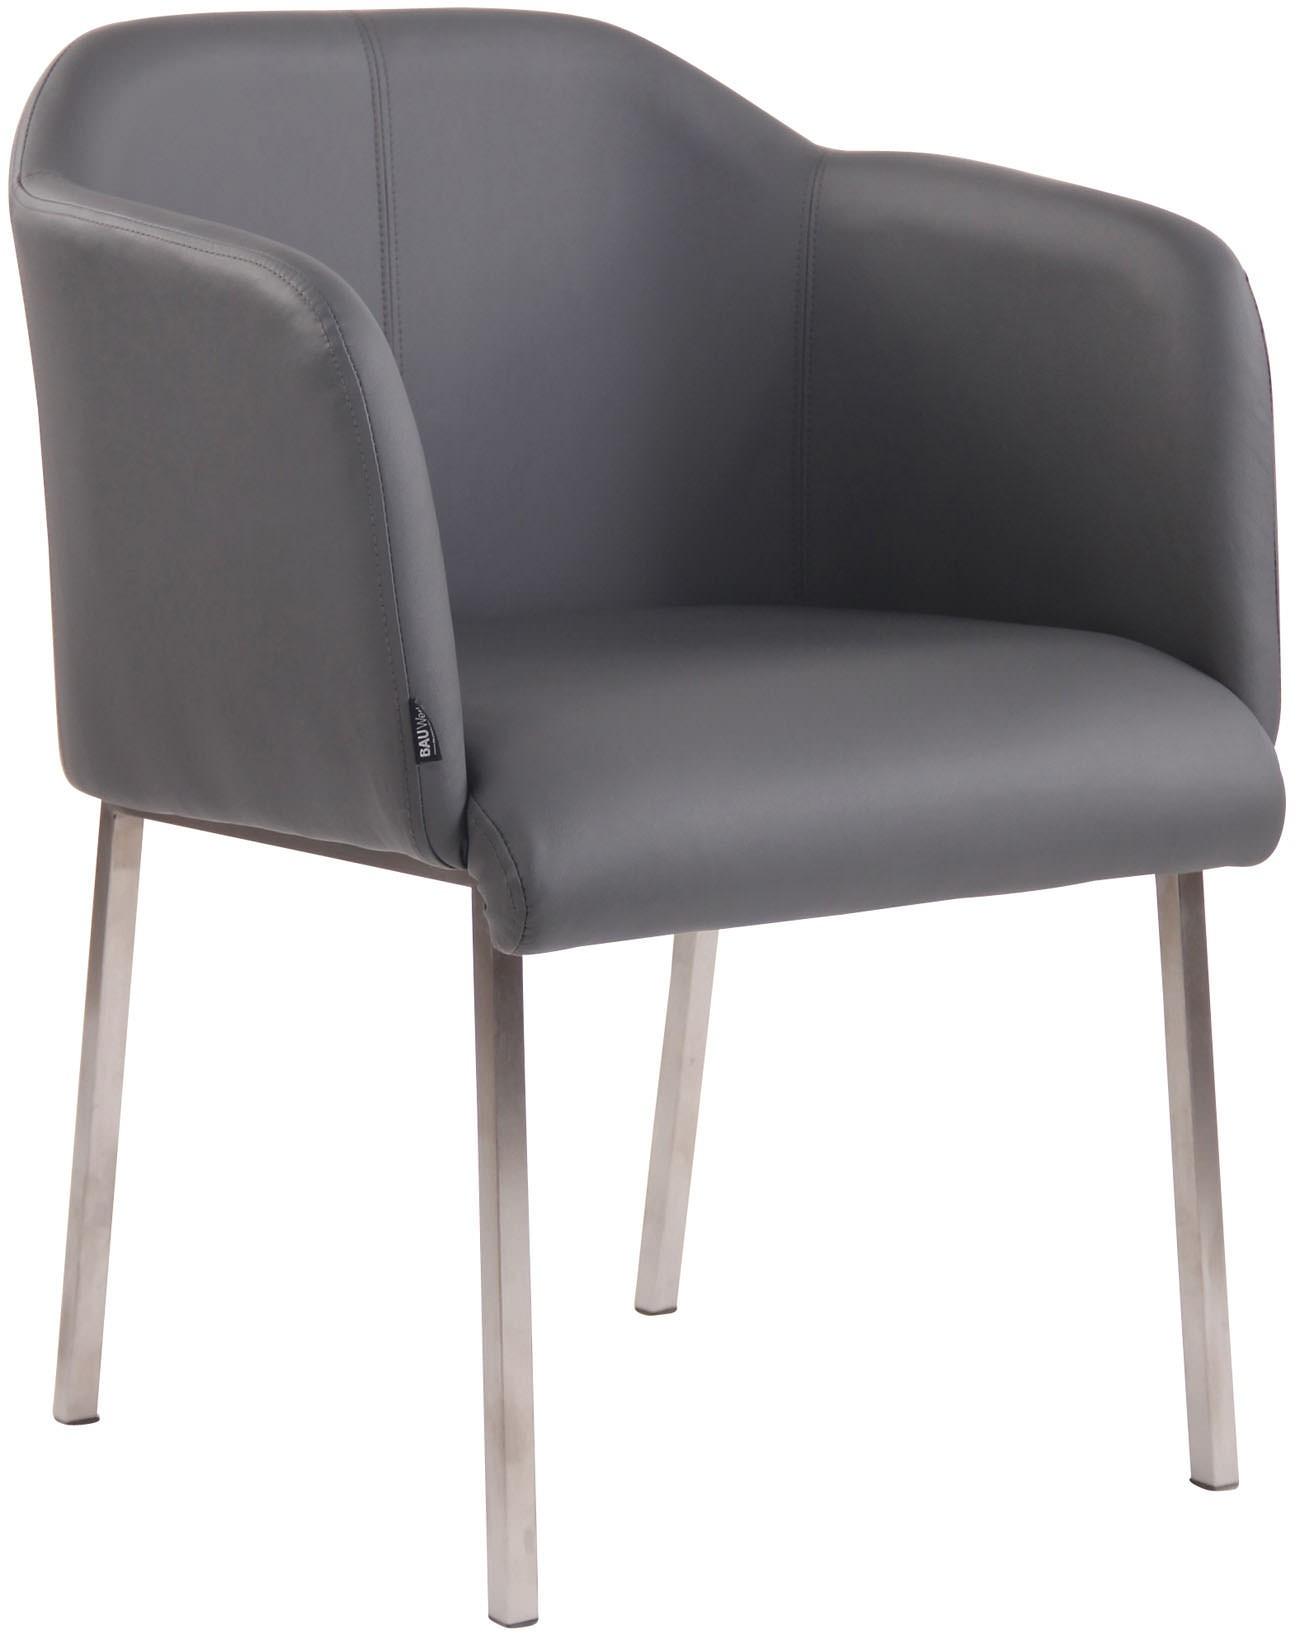 Chaise visiteur Magnus V2 en tissu ou similicuir